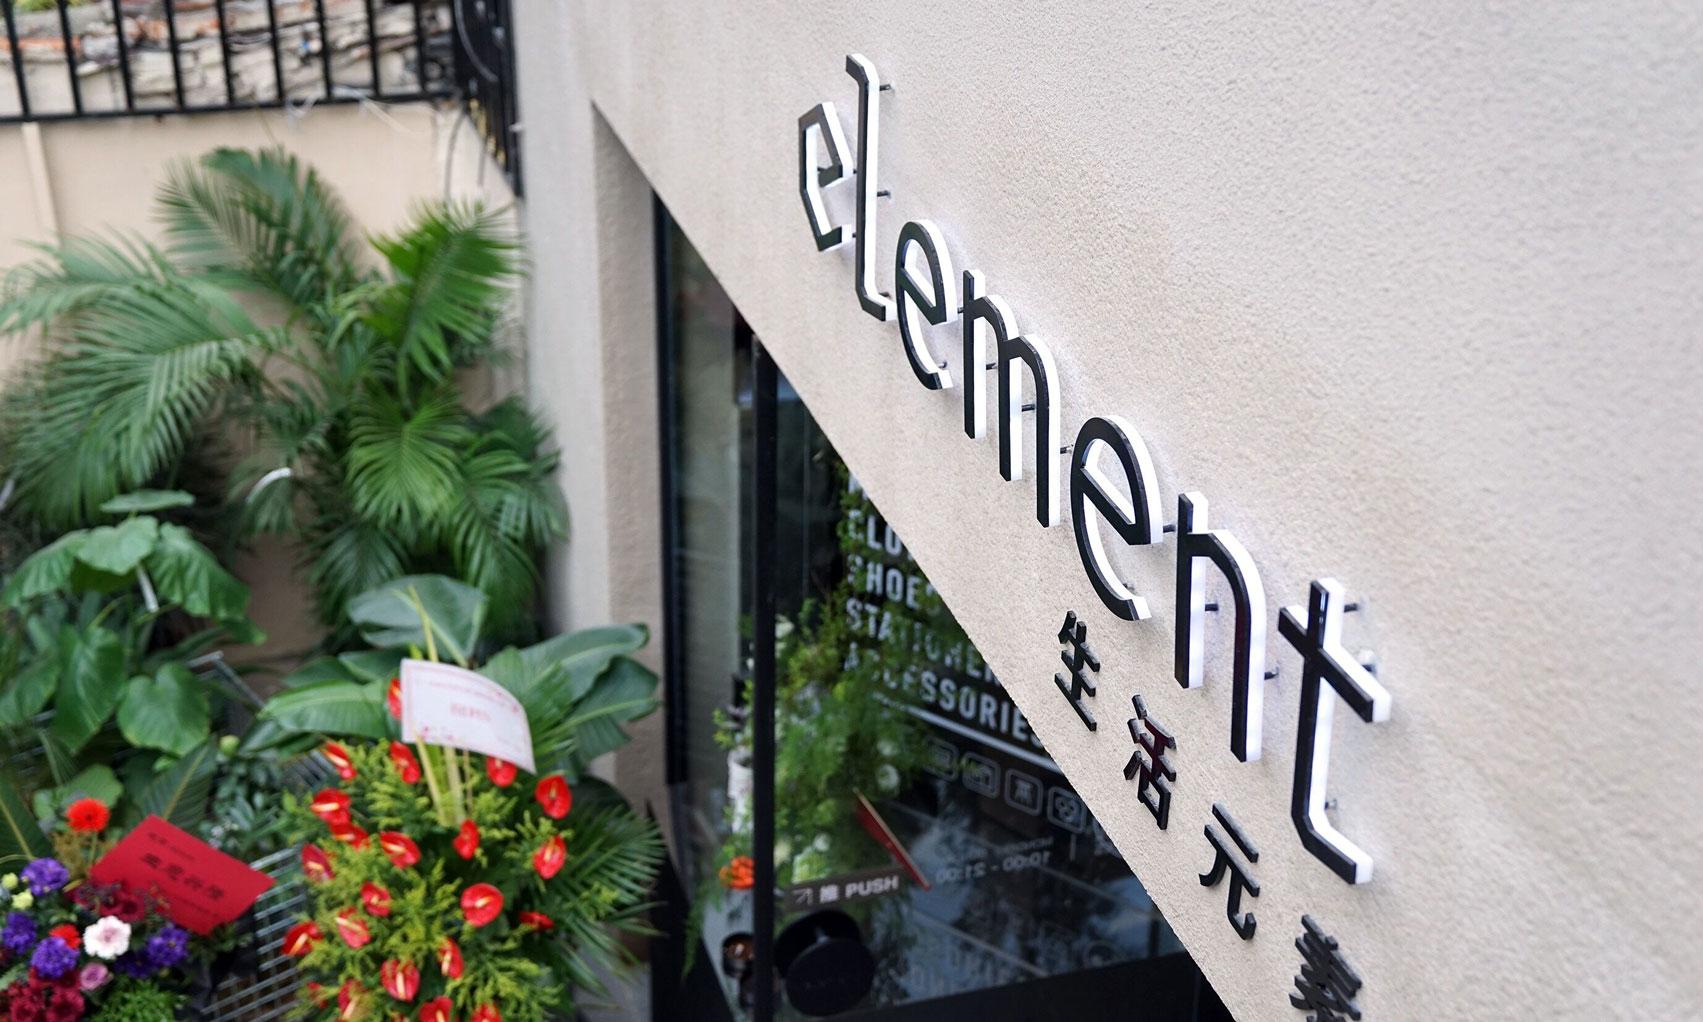 逛店新去处,element 上海中山公园店正式开业